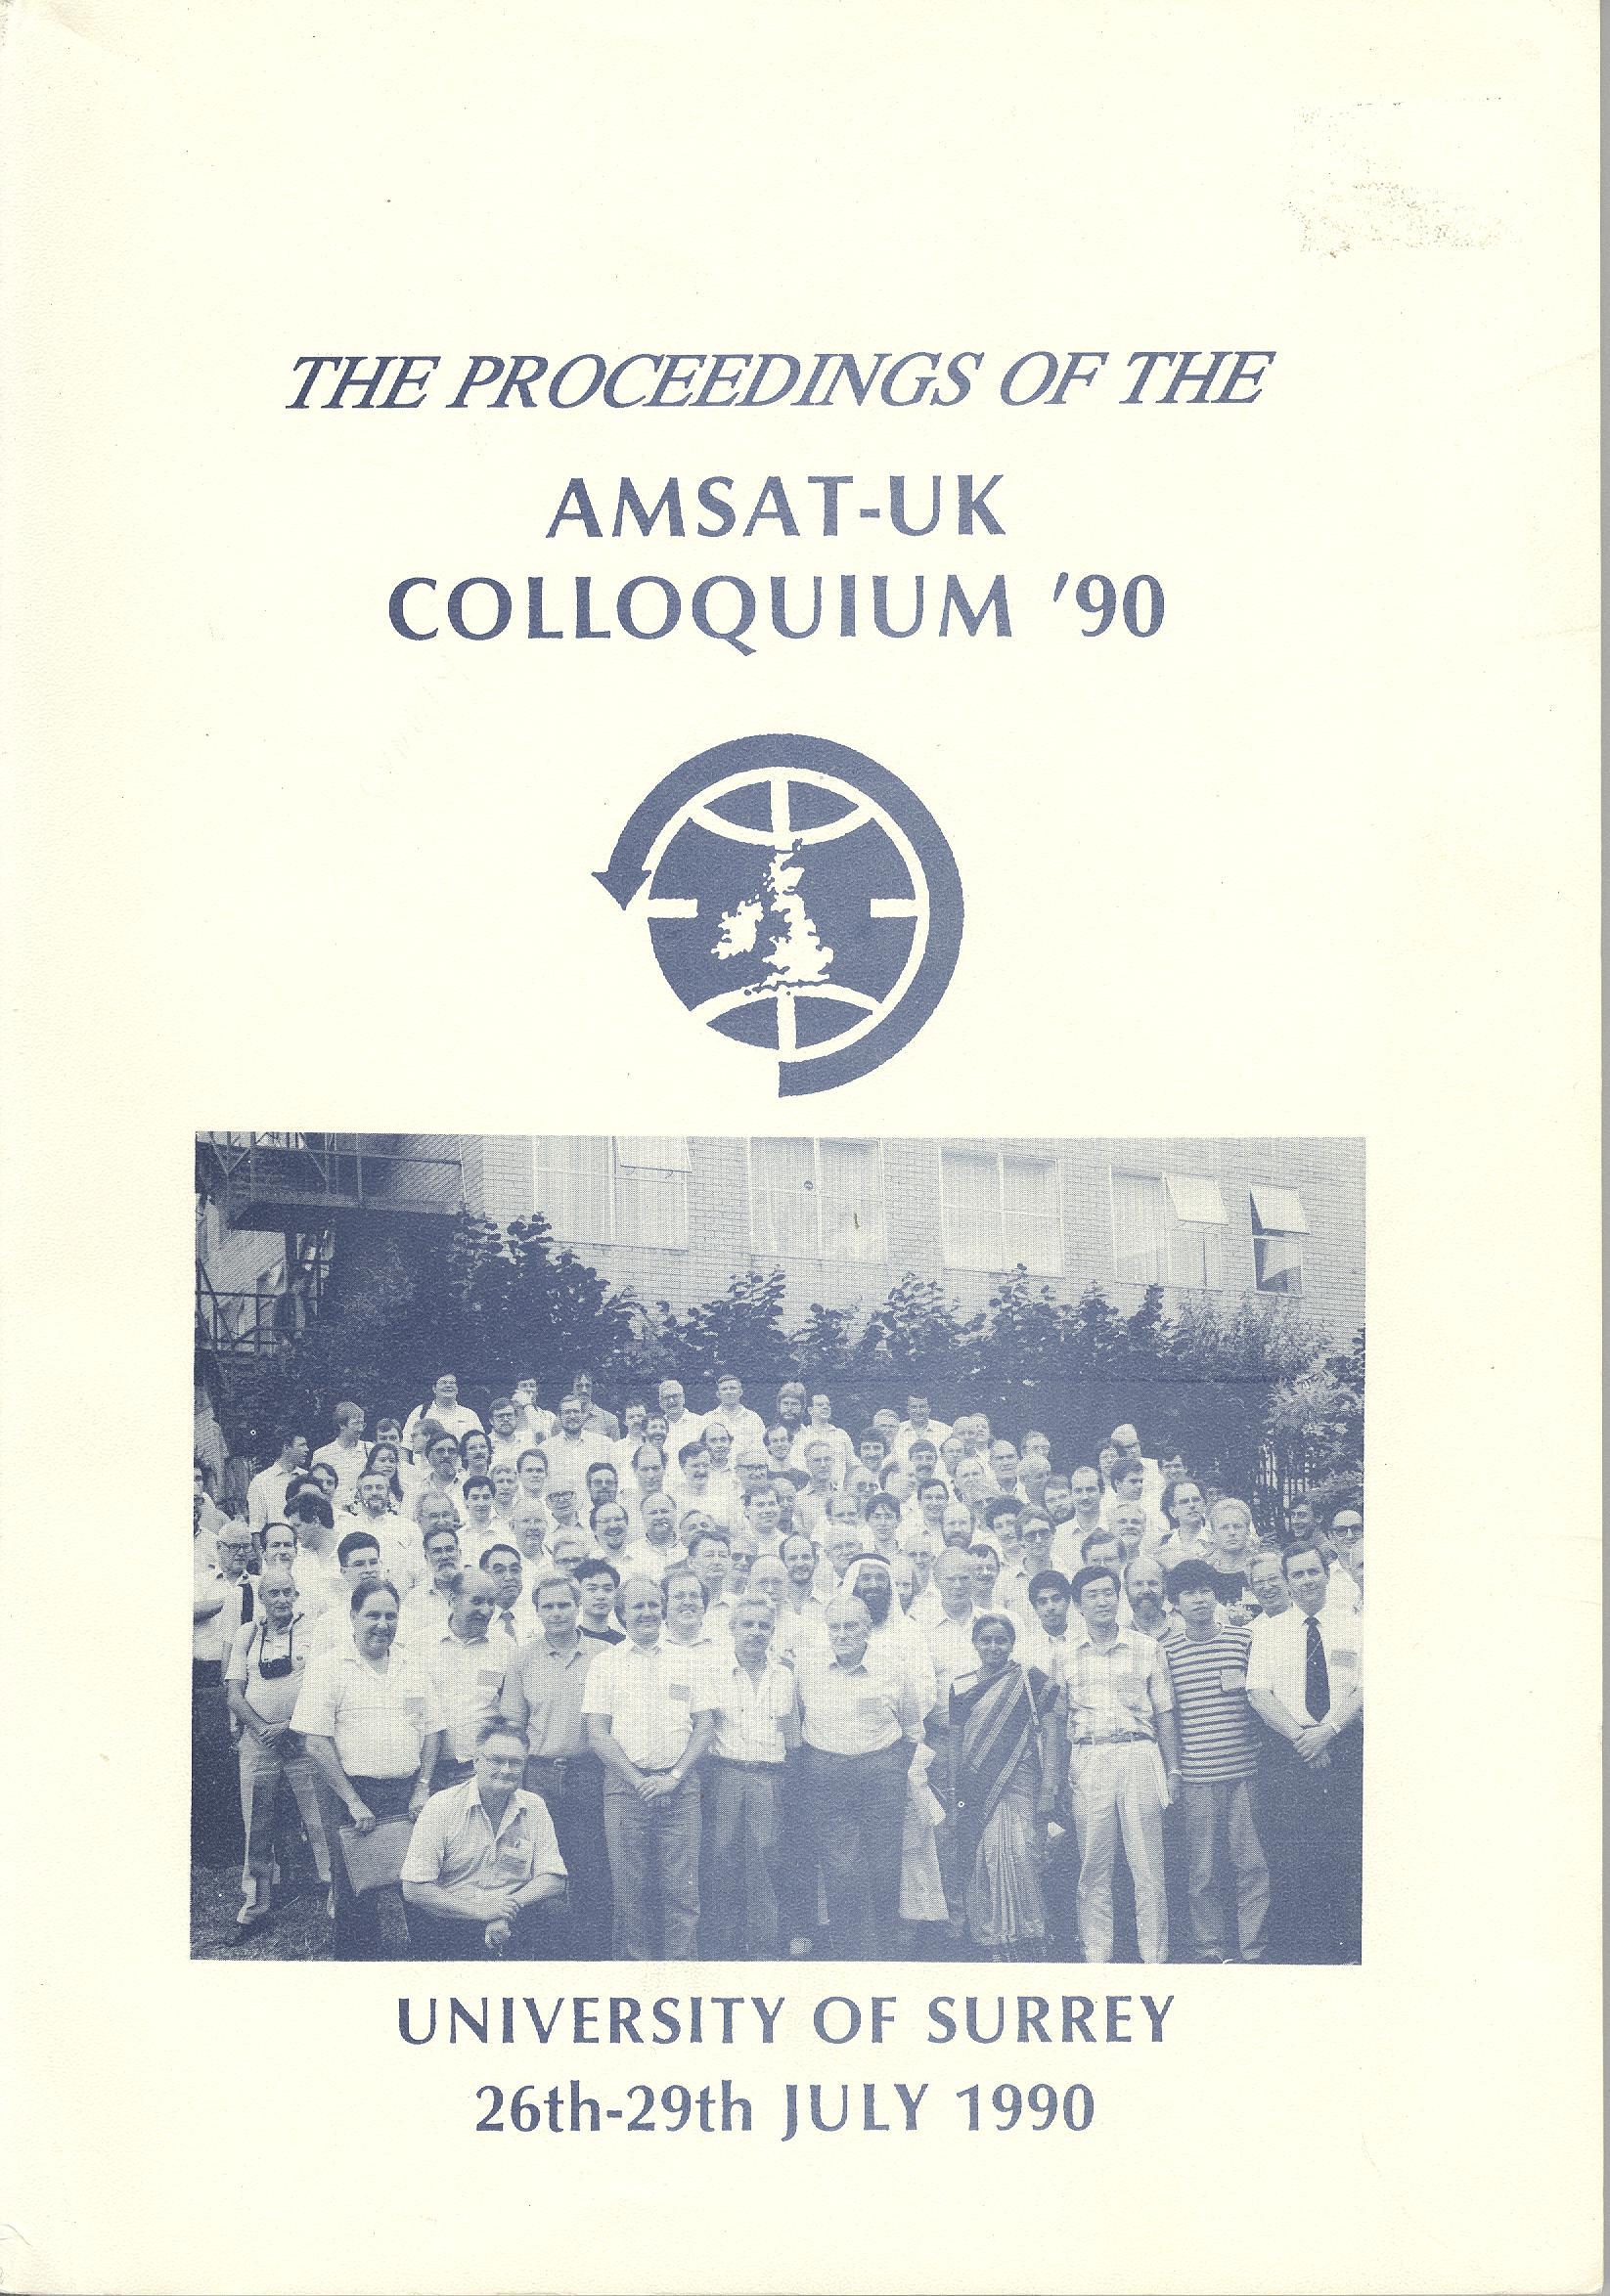 The Proceedings of the AMSAT-UK Colloquium '90